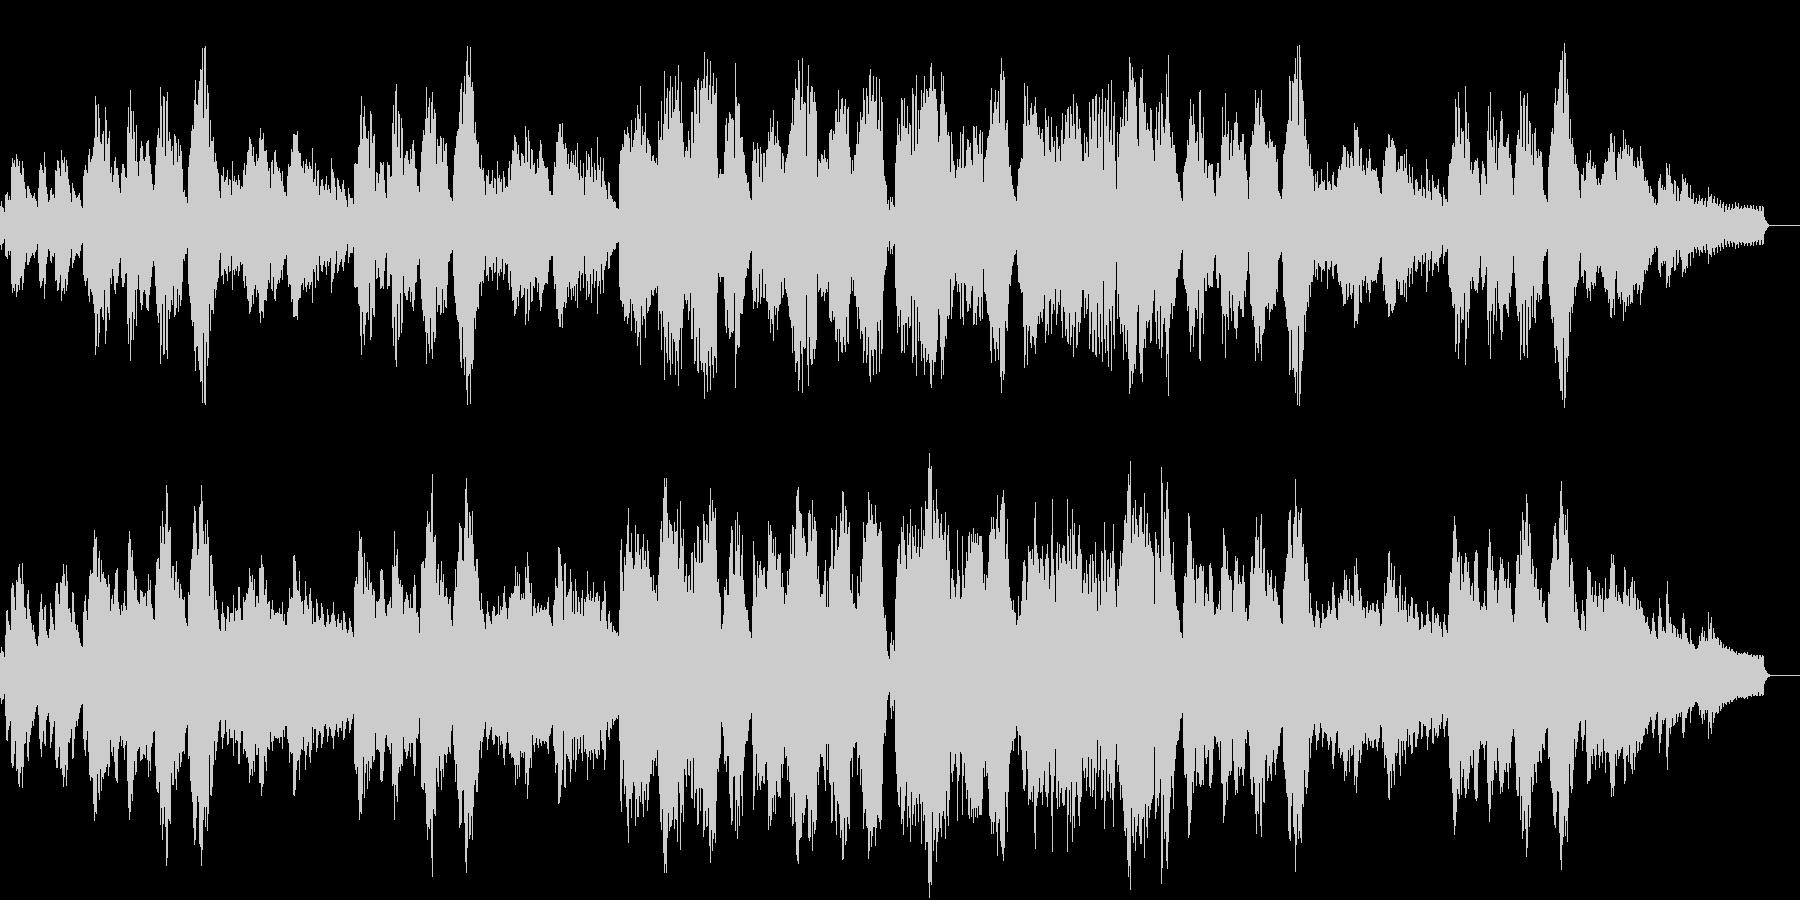 のどかな雰囲気のBGMの未再生の波形